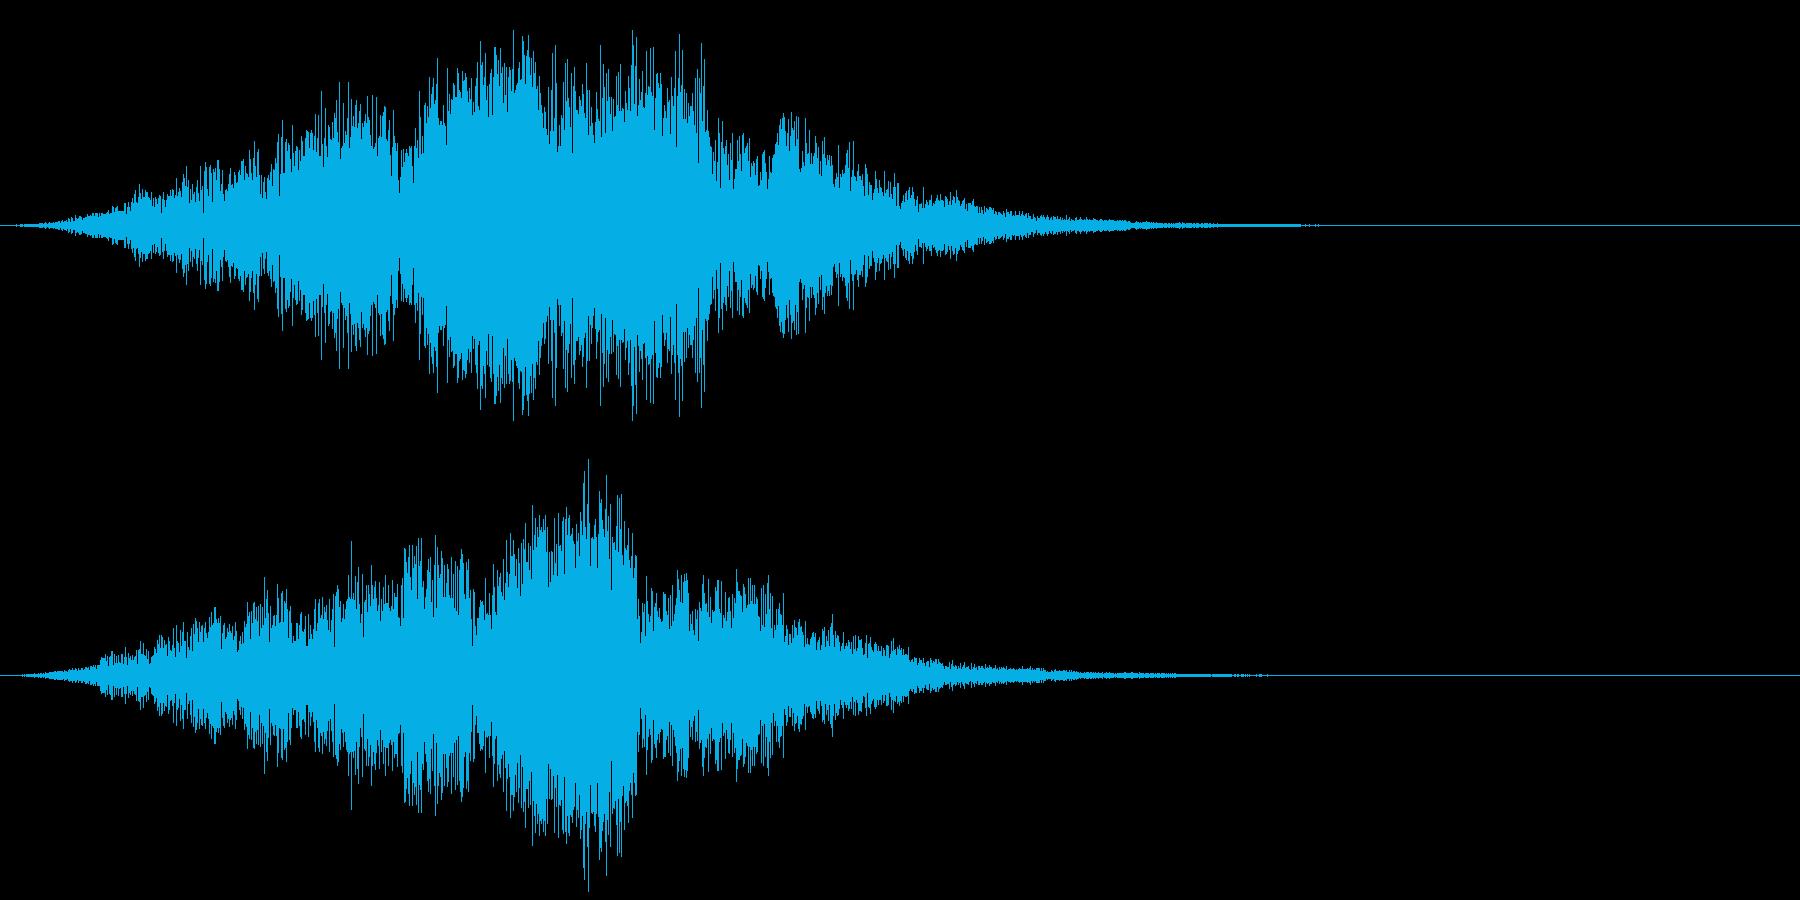 【タイトル】映画のロゴ ヒューンッ・・・の再生済みの波形